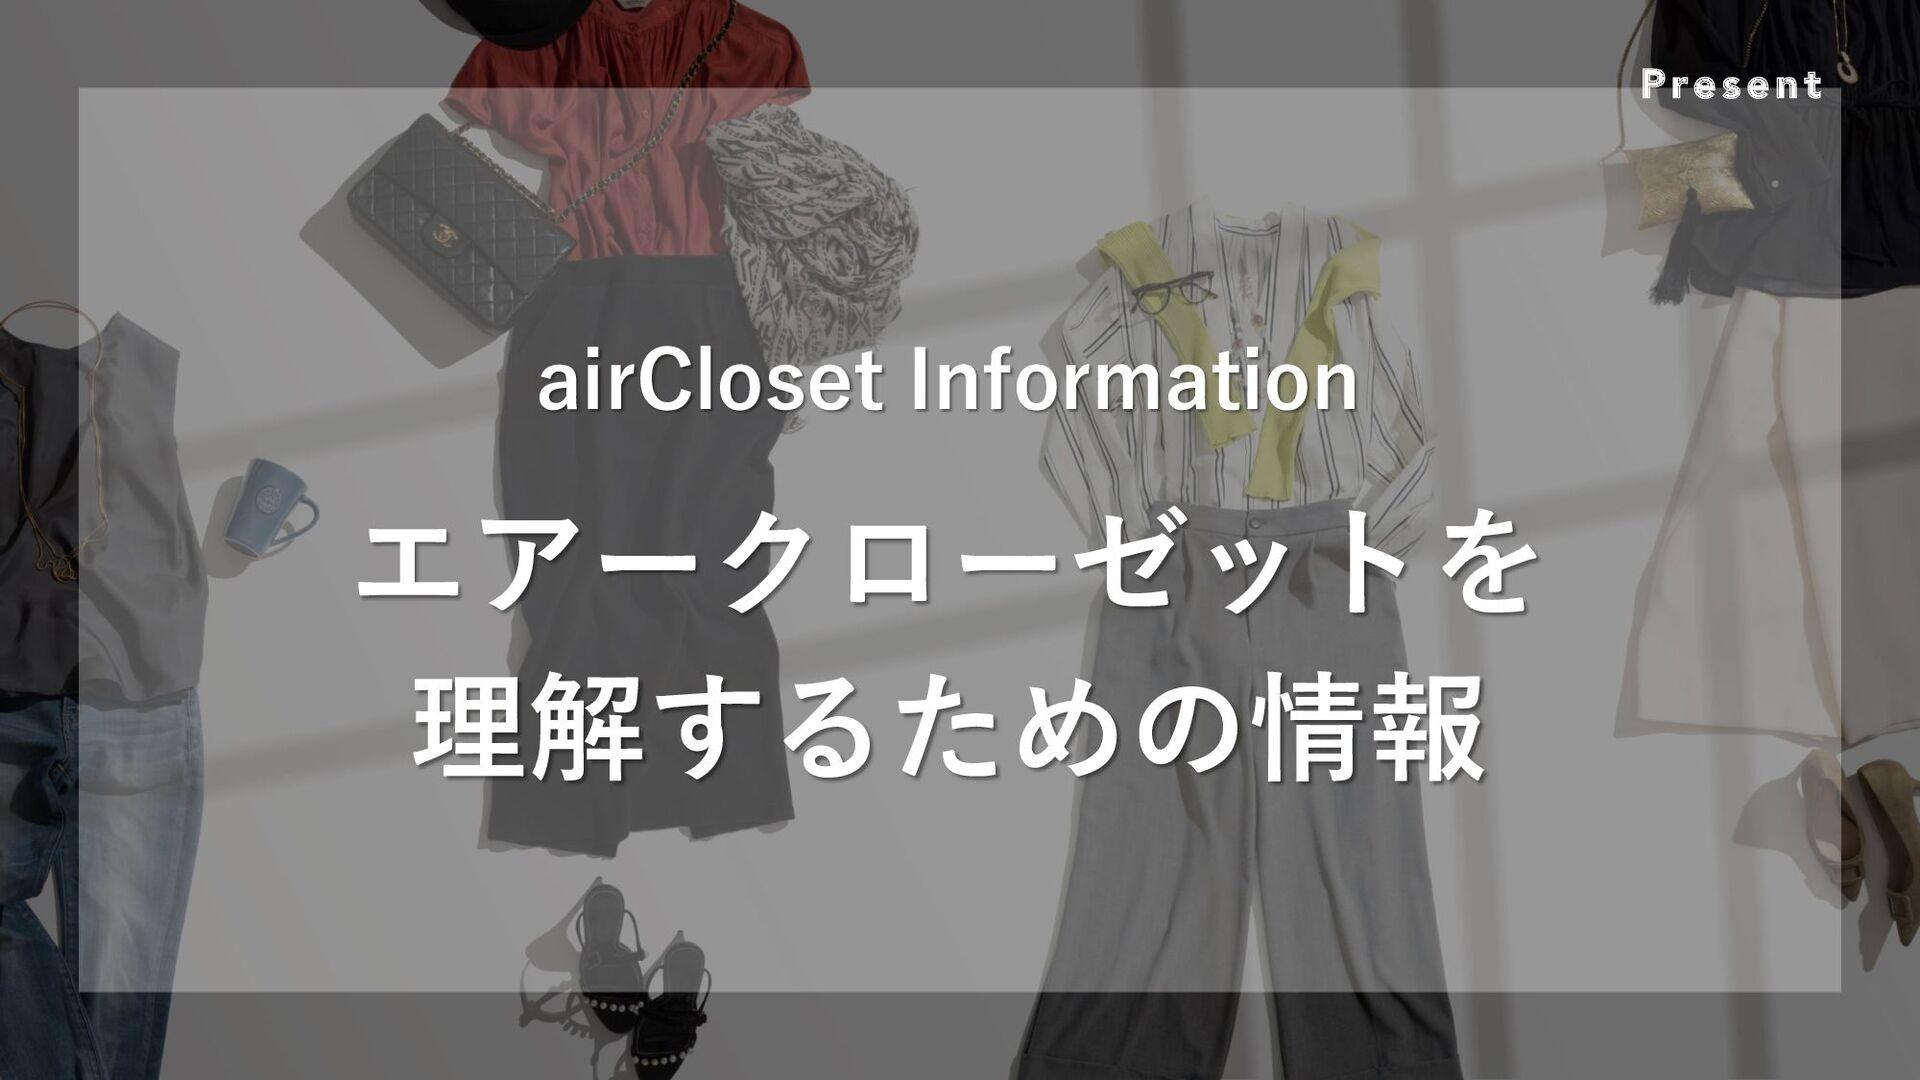 Present airCloset Information エアークローゼットを 理解するため...